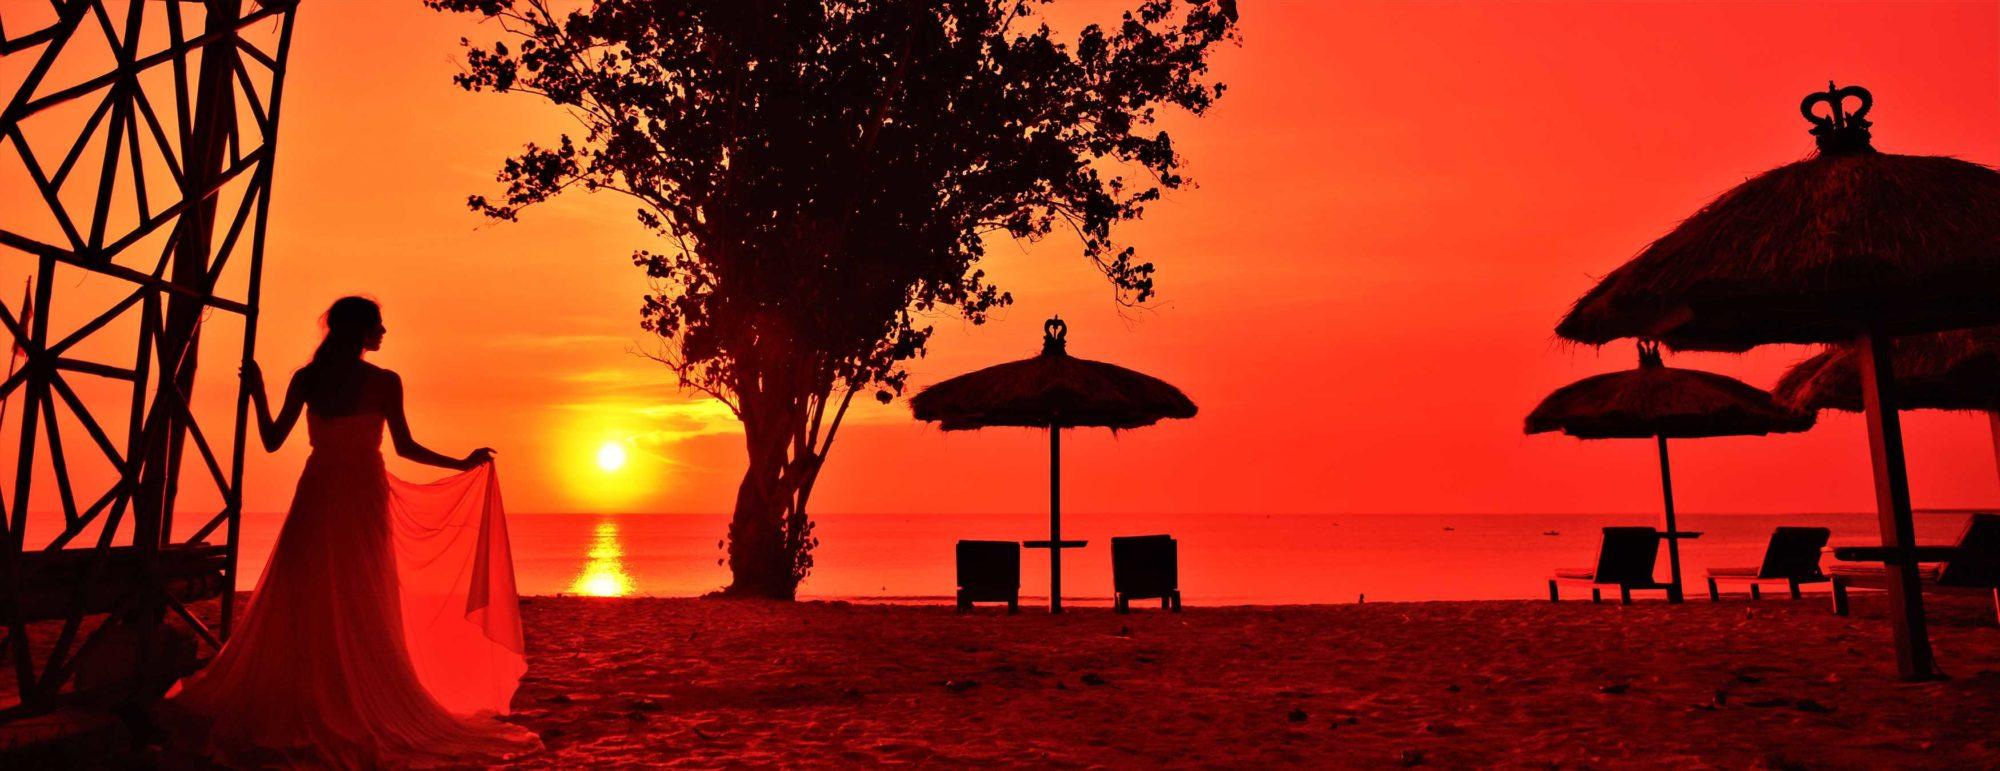 バリ島サンセット・ビーチ・フォト・ウェディング ジンバラン・ビーチ・サンセット Belmond Jimbara Puri Bali Sunset Photo Wedding